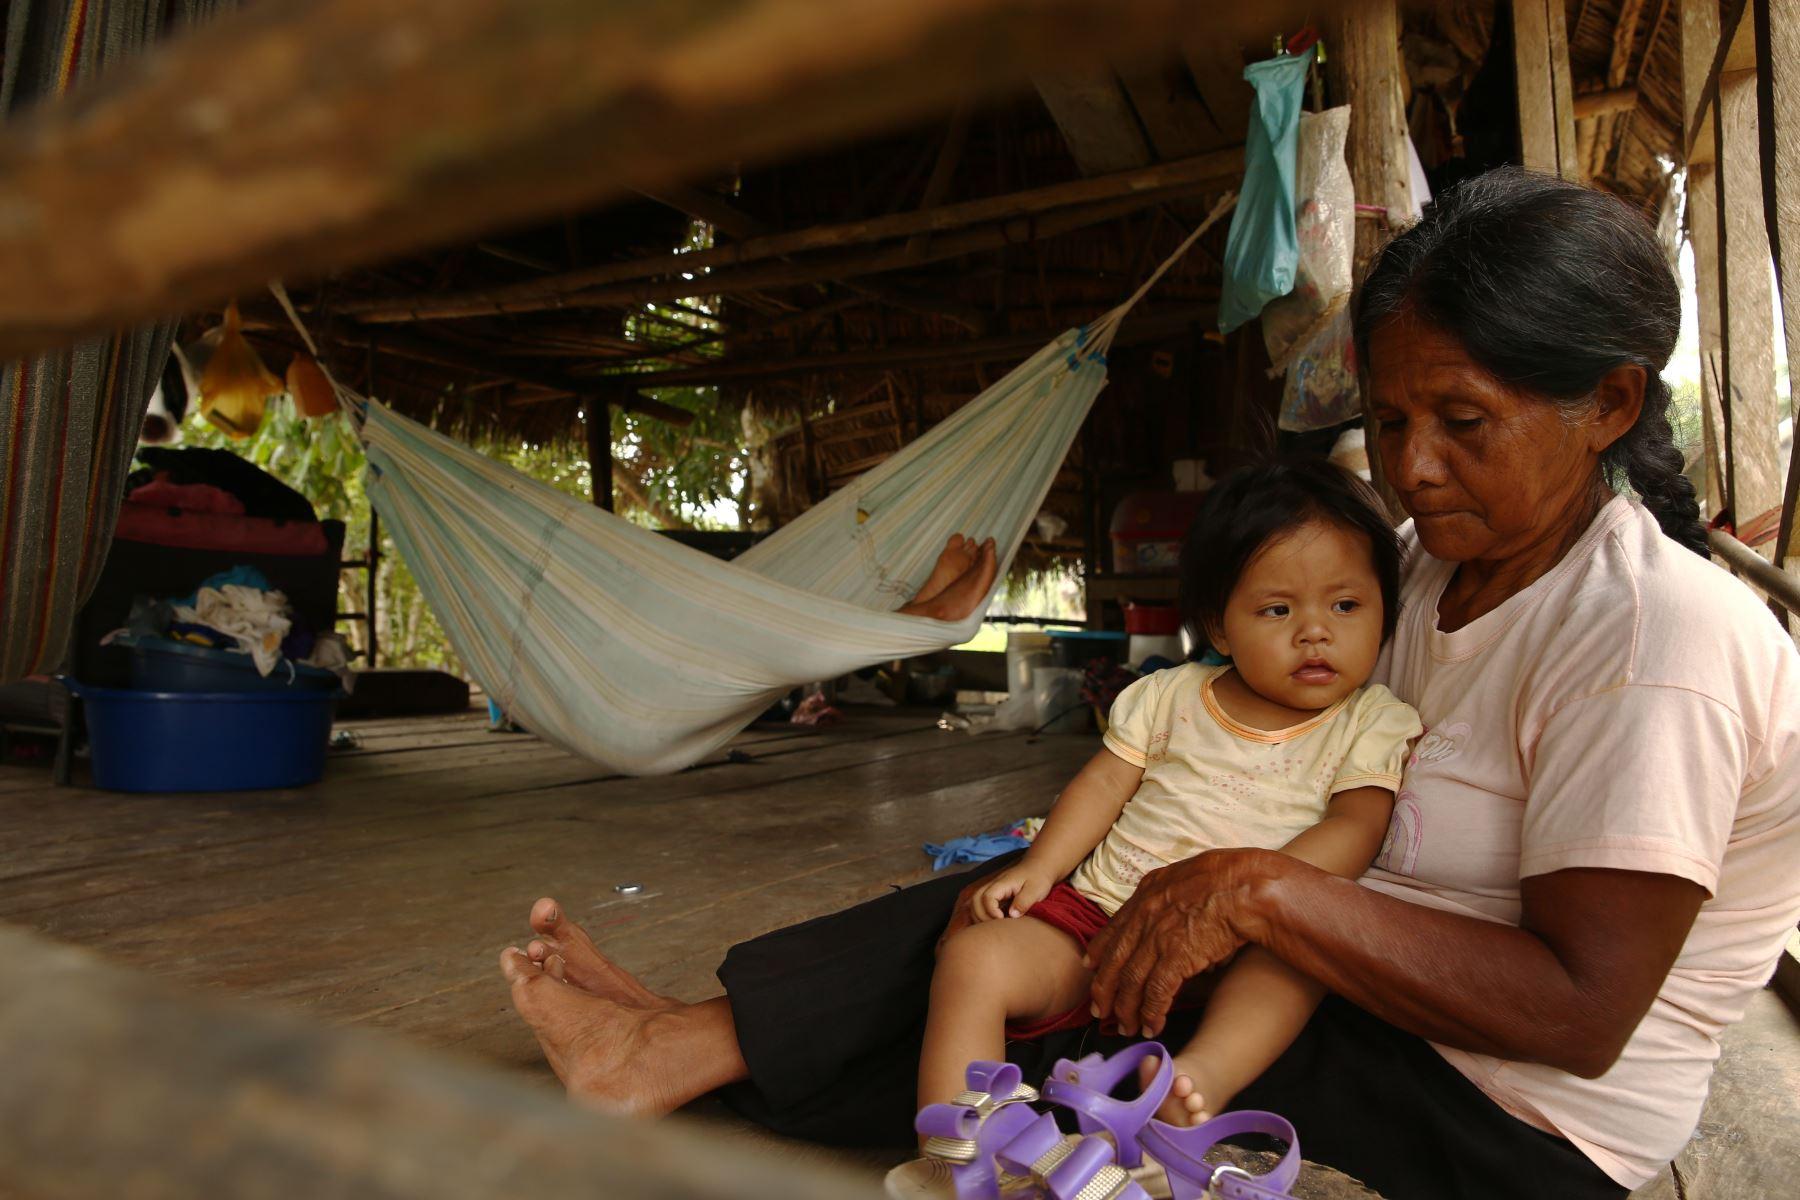 Gobierno descartó casos de coronavirus en las comunidades indígenas que viven en las reservas naturales. ANDINA/Melina Mejía